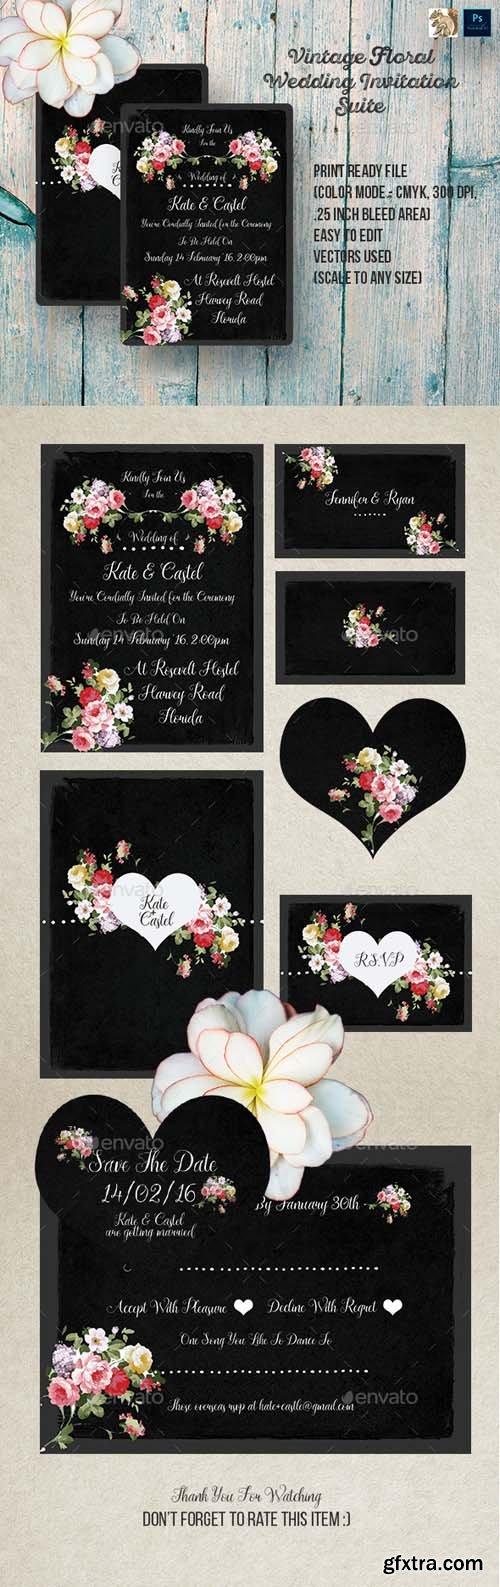 GR - Vintage Floral Wedding Invitation Suite 14447556